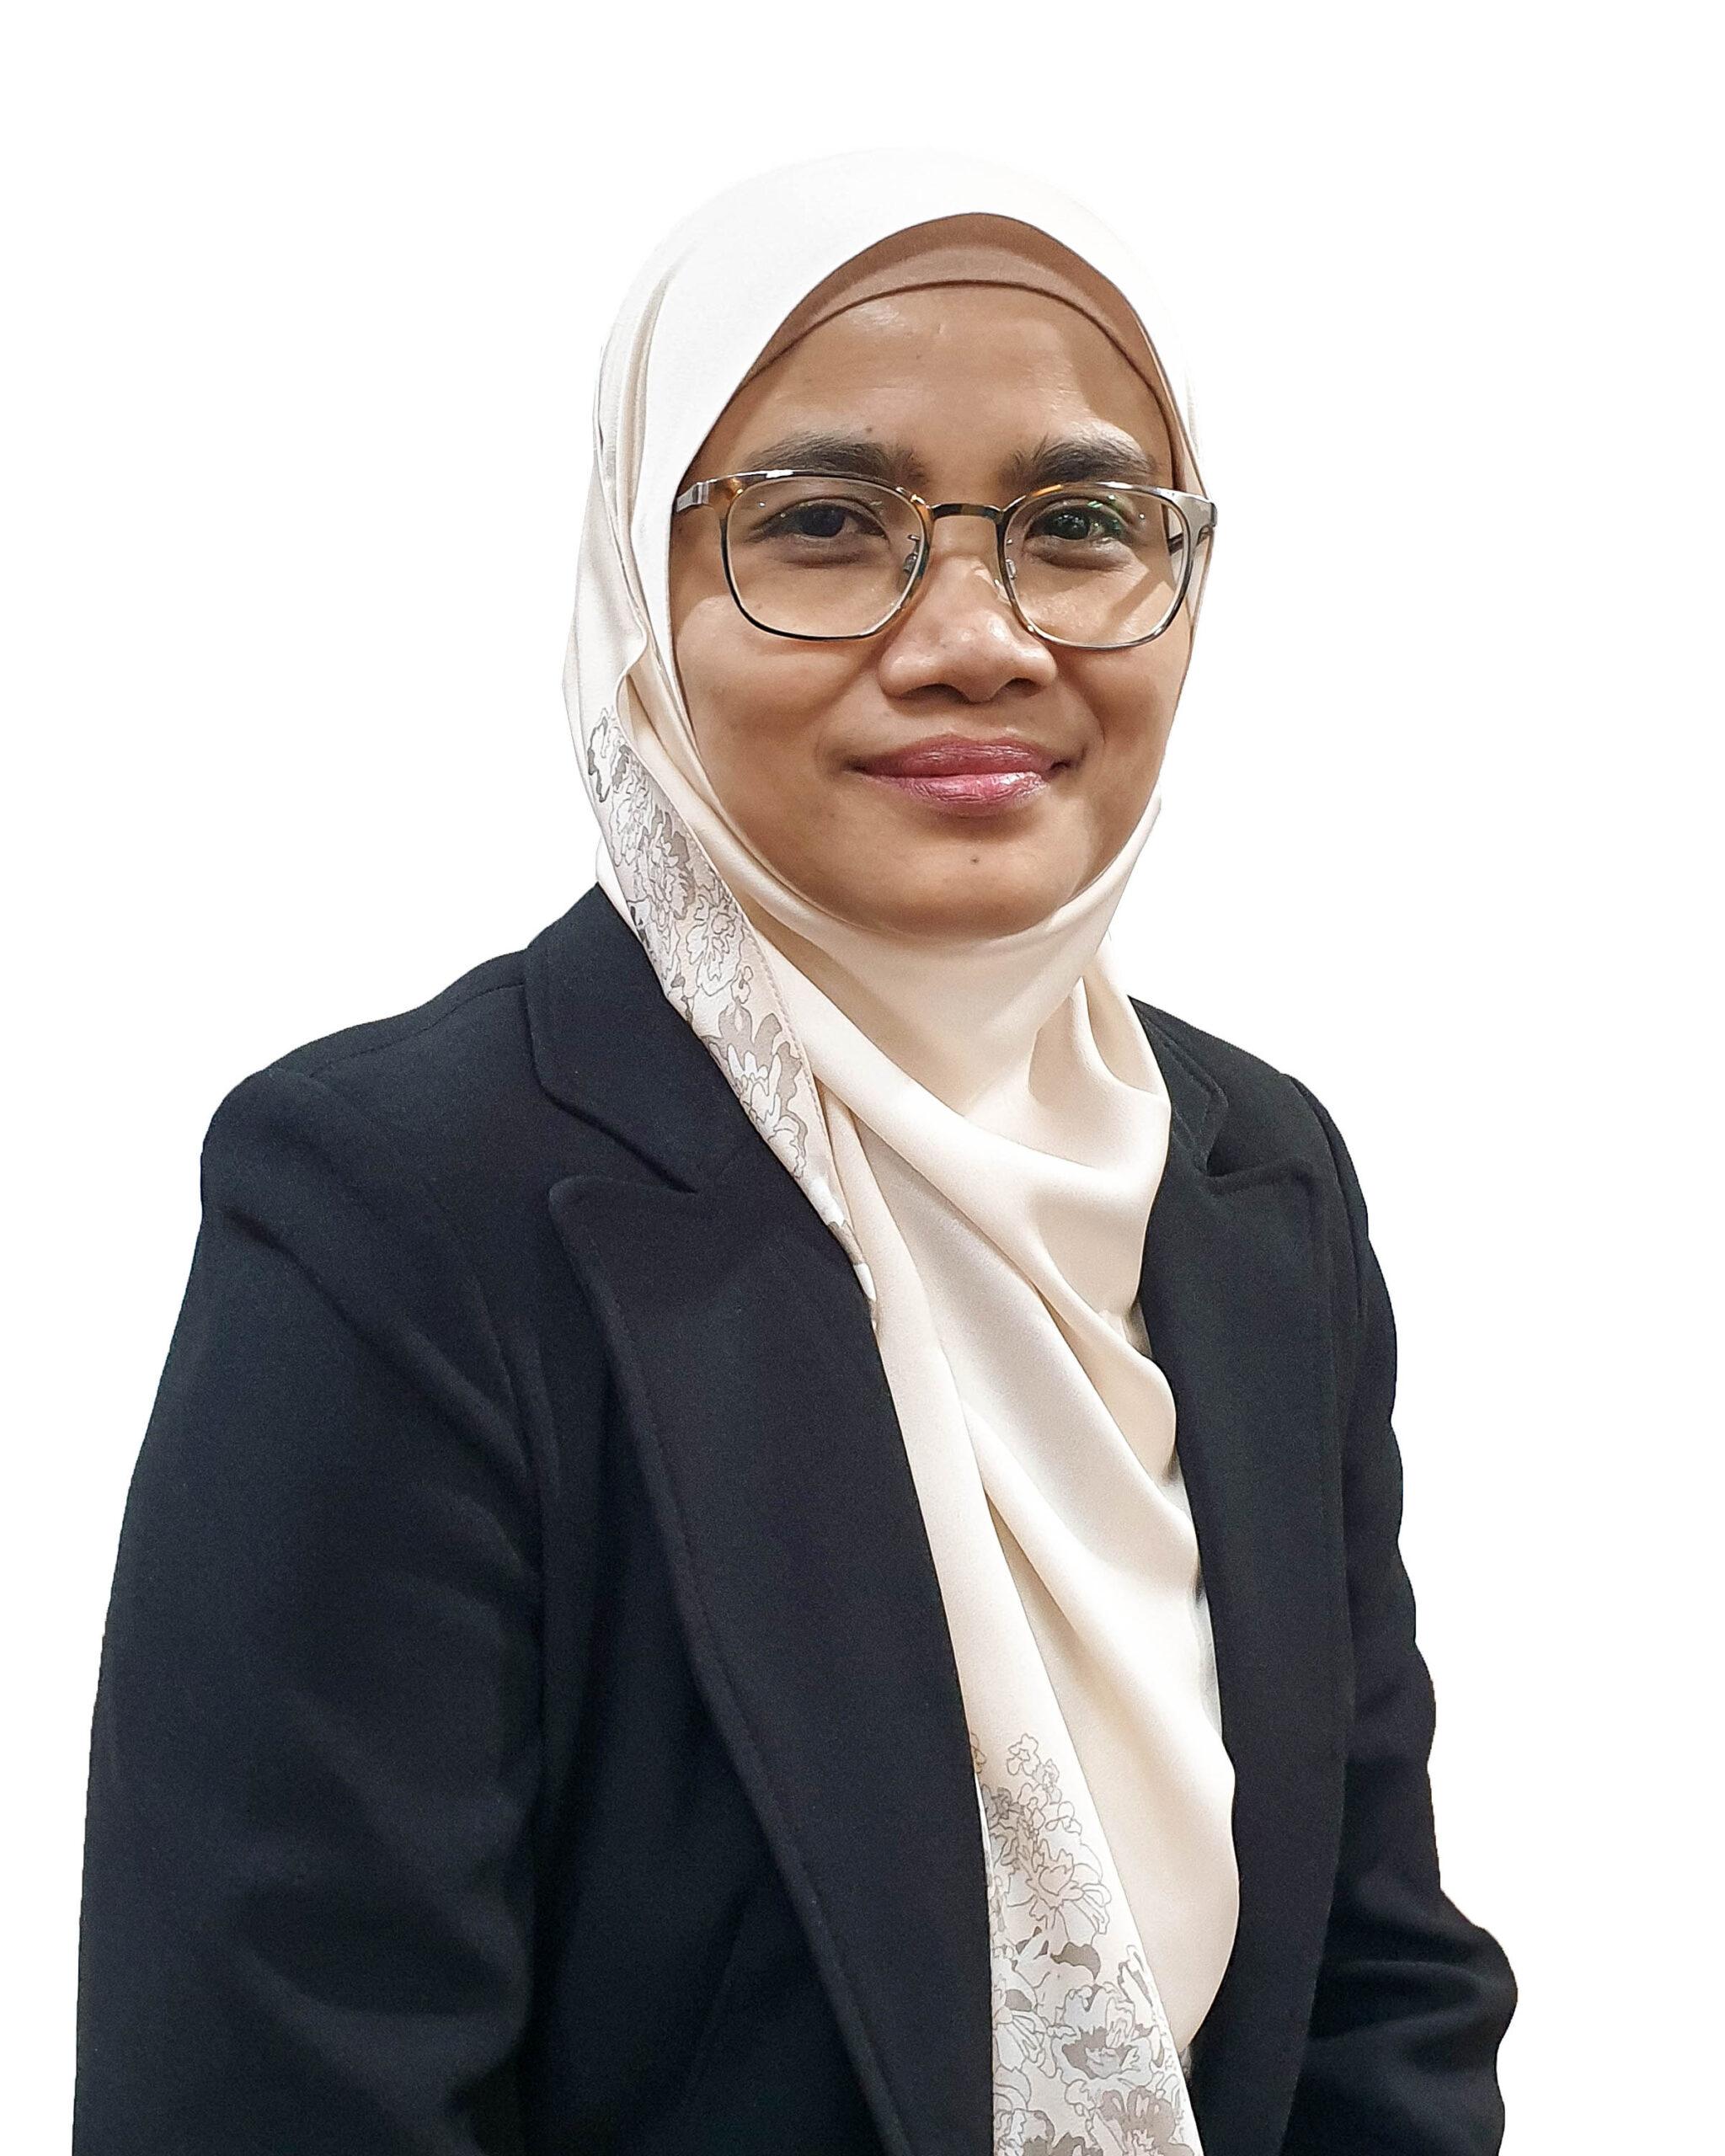 Asliza Binti Bakar